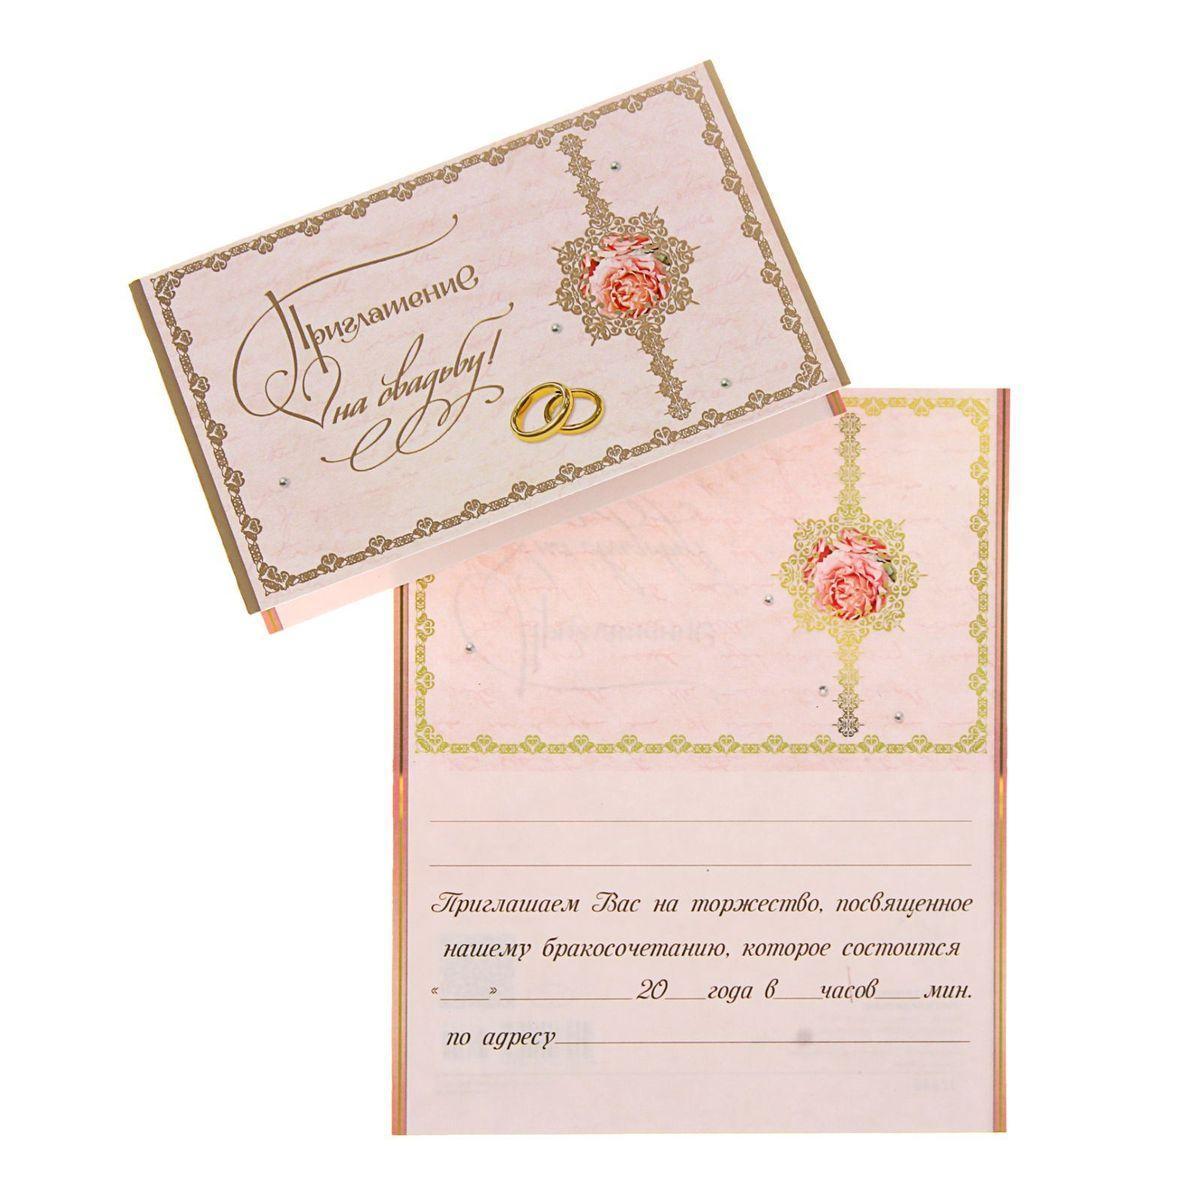 Русский дизайн Приглашение Приглашение на свадьбу! роза,кольца1230190Приглашение — один из самых важных элементов вашего торжества. Задумайтесь, ведь именно пригласительное письмо станет первым и главнымобъявлением о том, что вы решили провести столь важное мероприятие. И эта новость обязательно должна быть преподнесена достойным образом.Приглашение —не отдельно существующий элемент, но весомая часть всей концепции праздника.